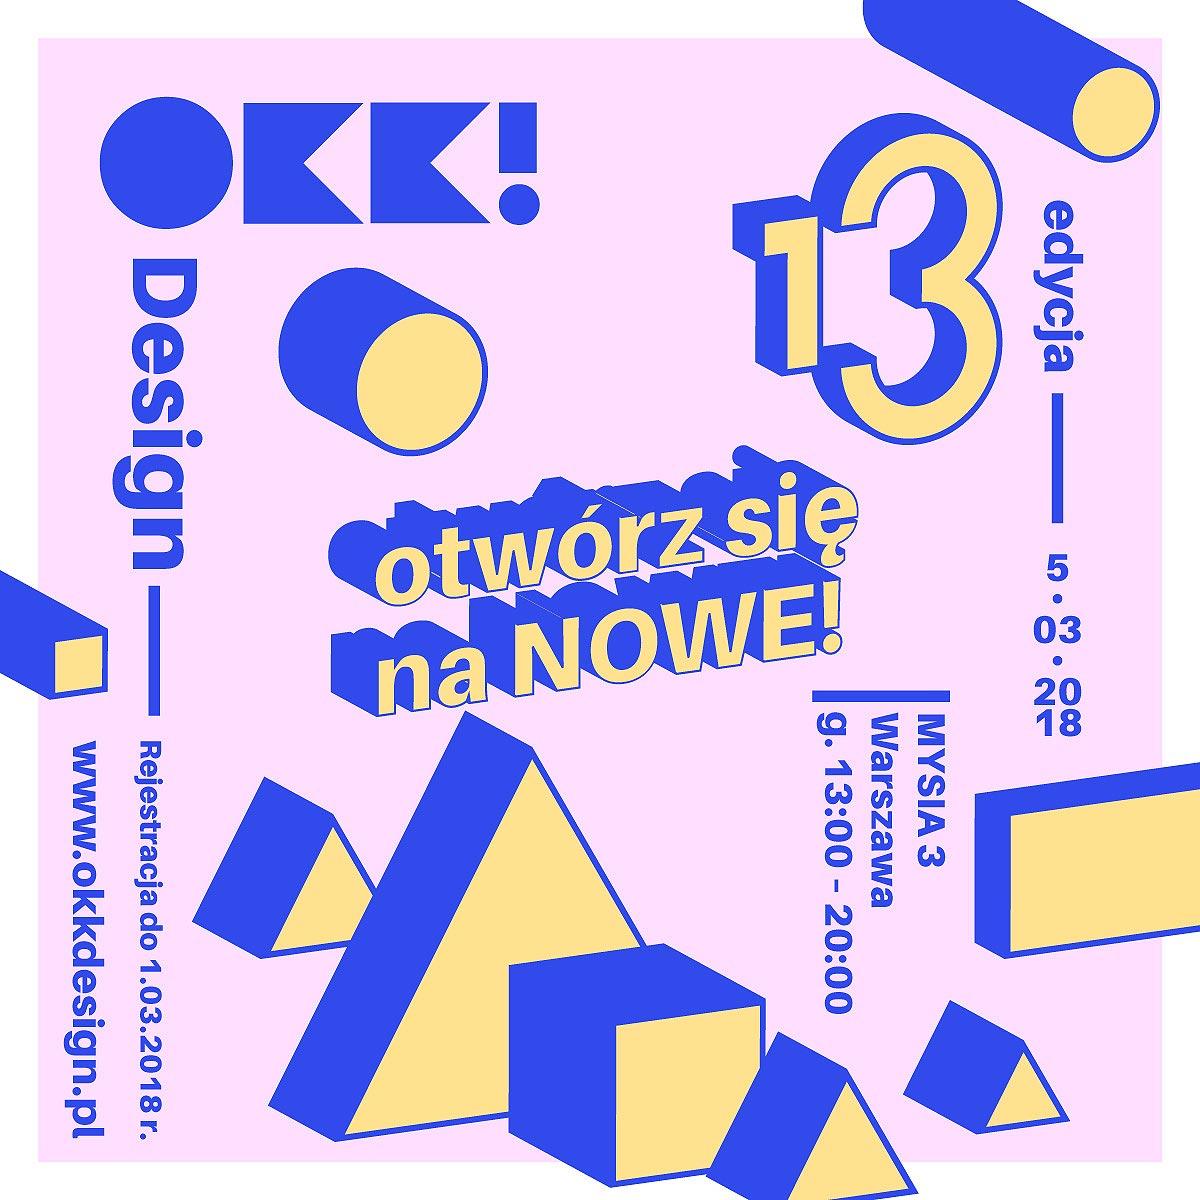 spotkanie OKK! design - 13. edycja